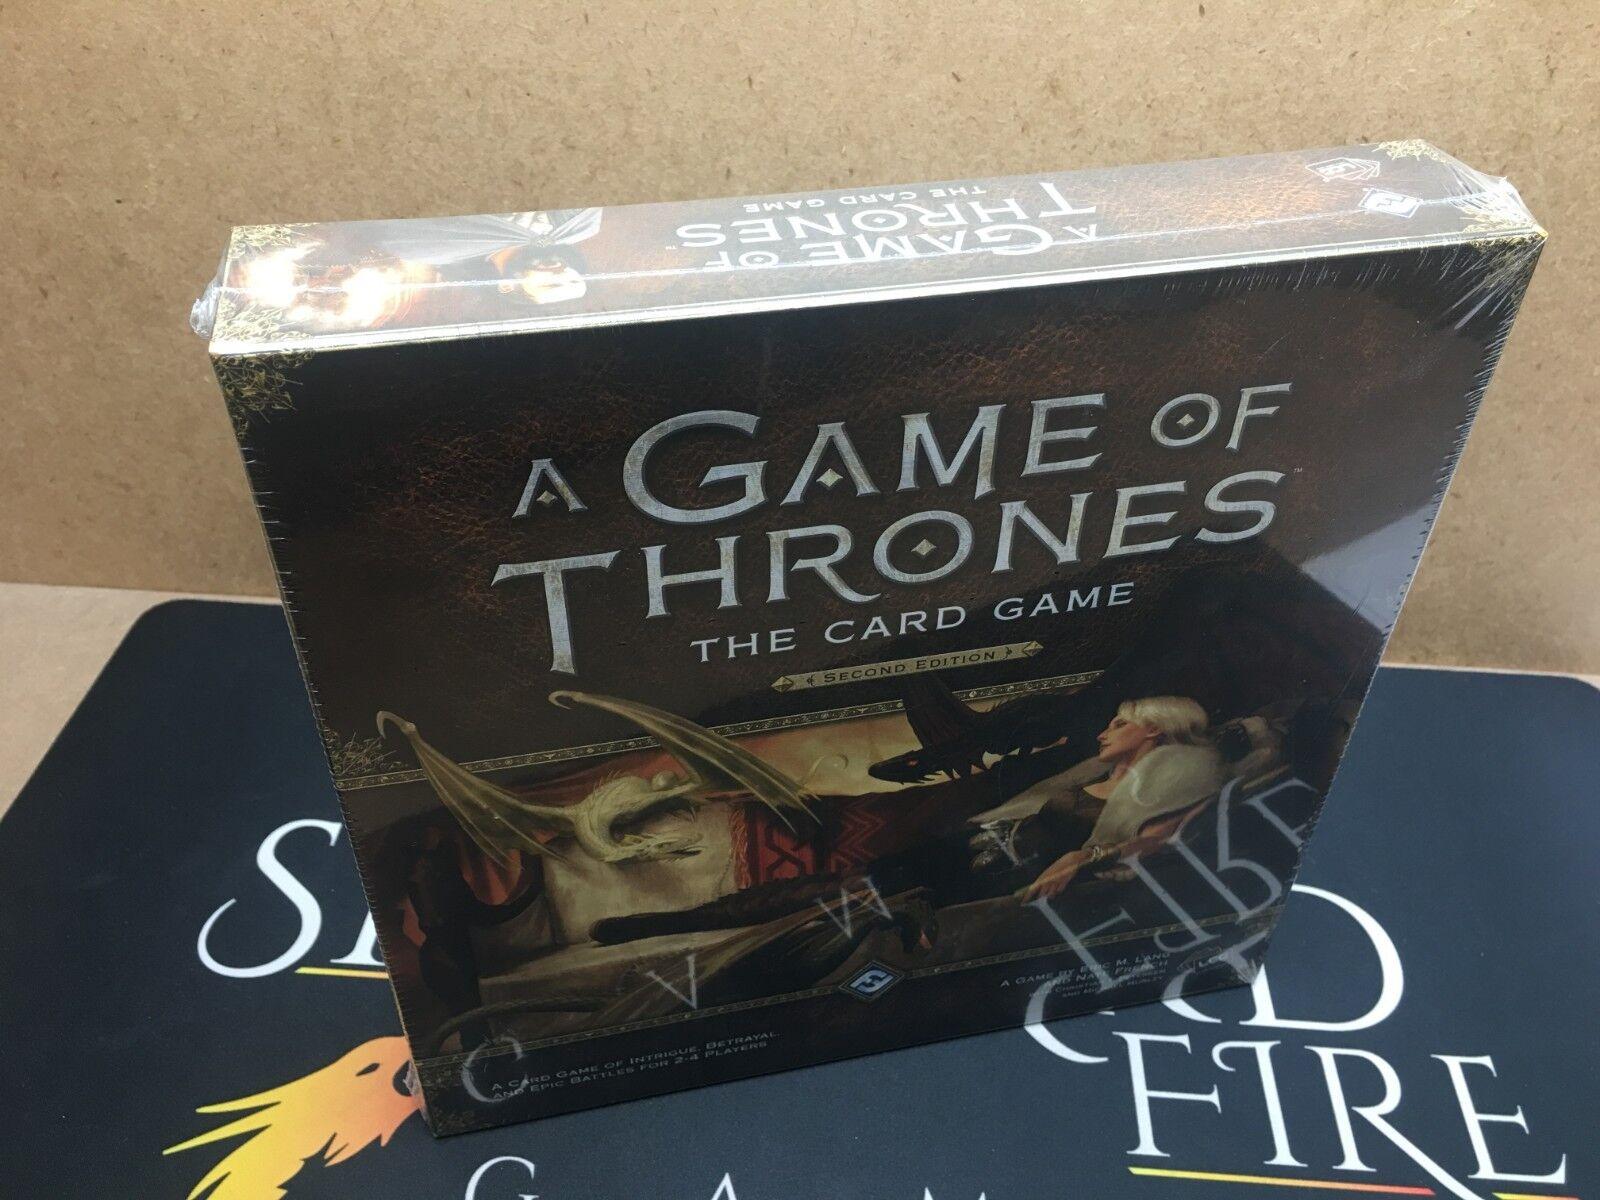 Game of thrones die kartenspiel - fantasy flight games (echte versiegelt.